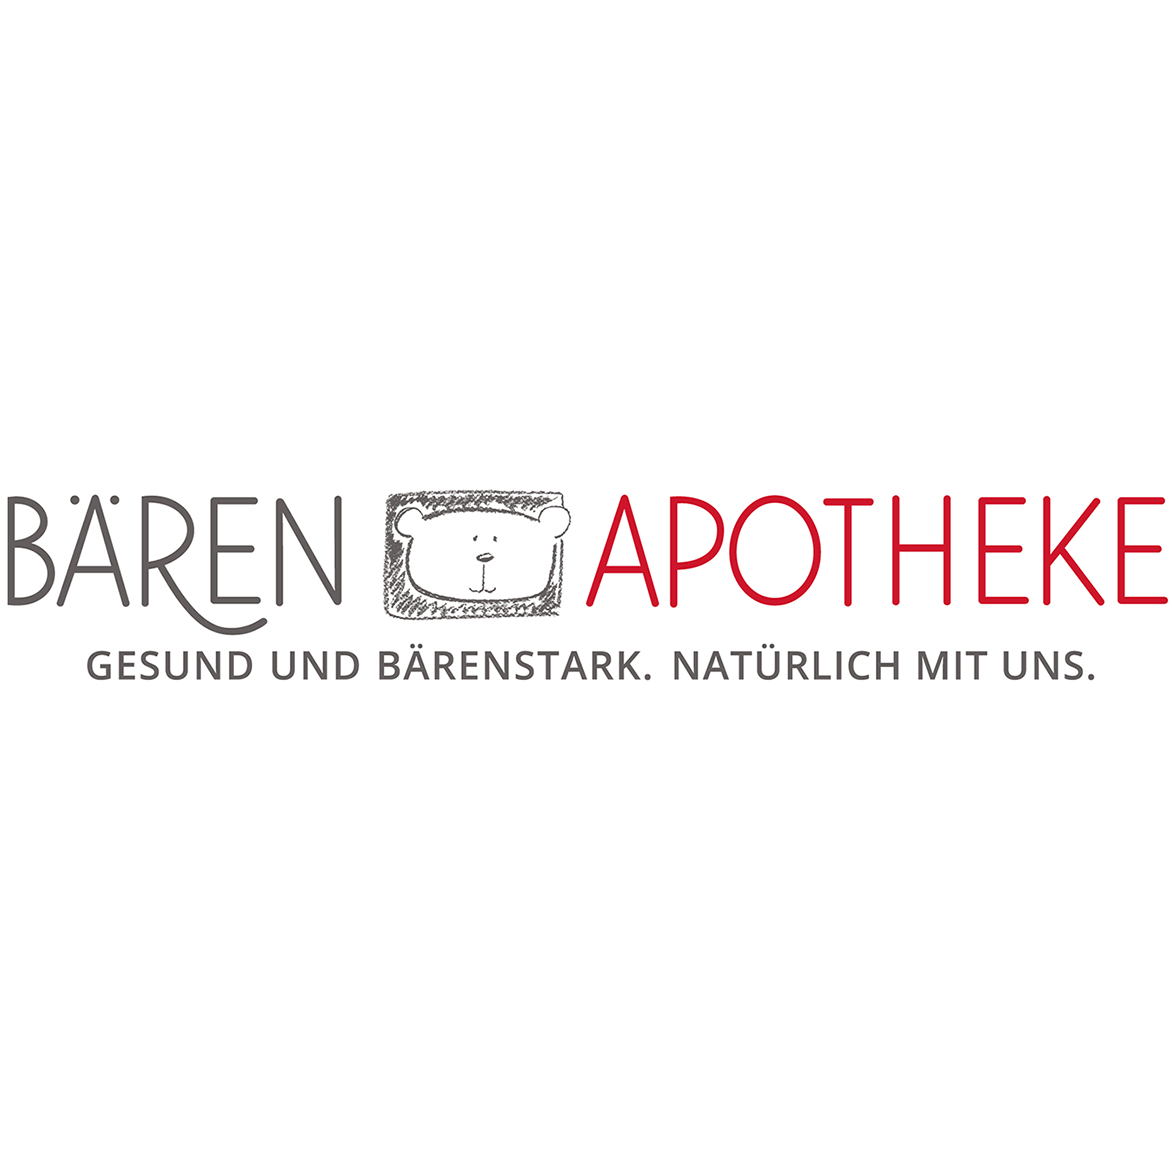 Bild zu Bären-Apotheke in Mülheim an der Ruhr